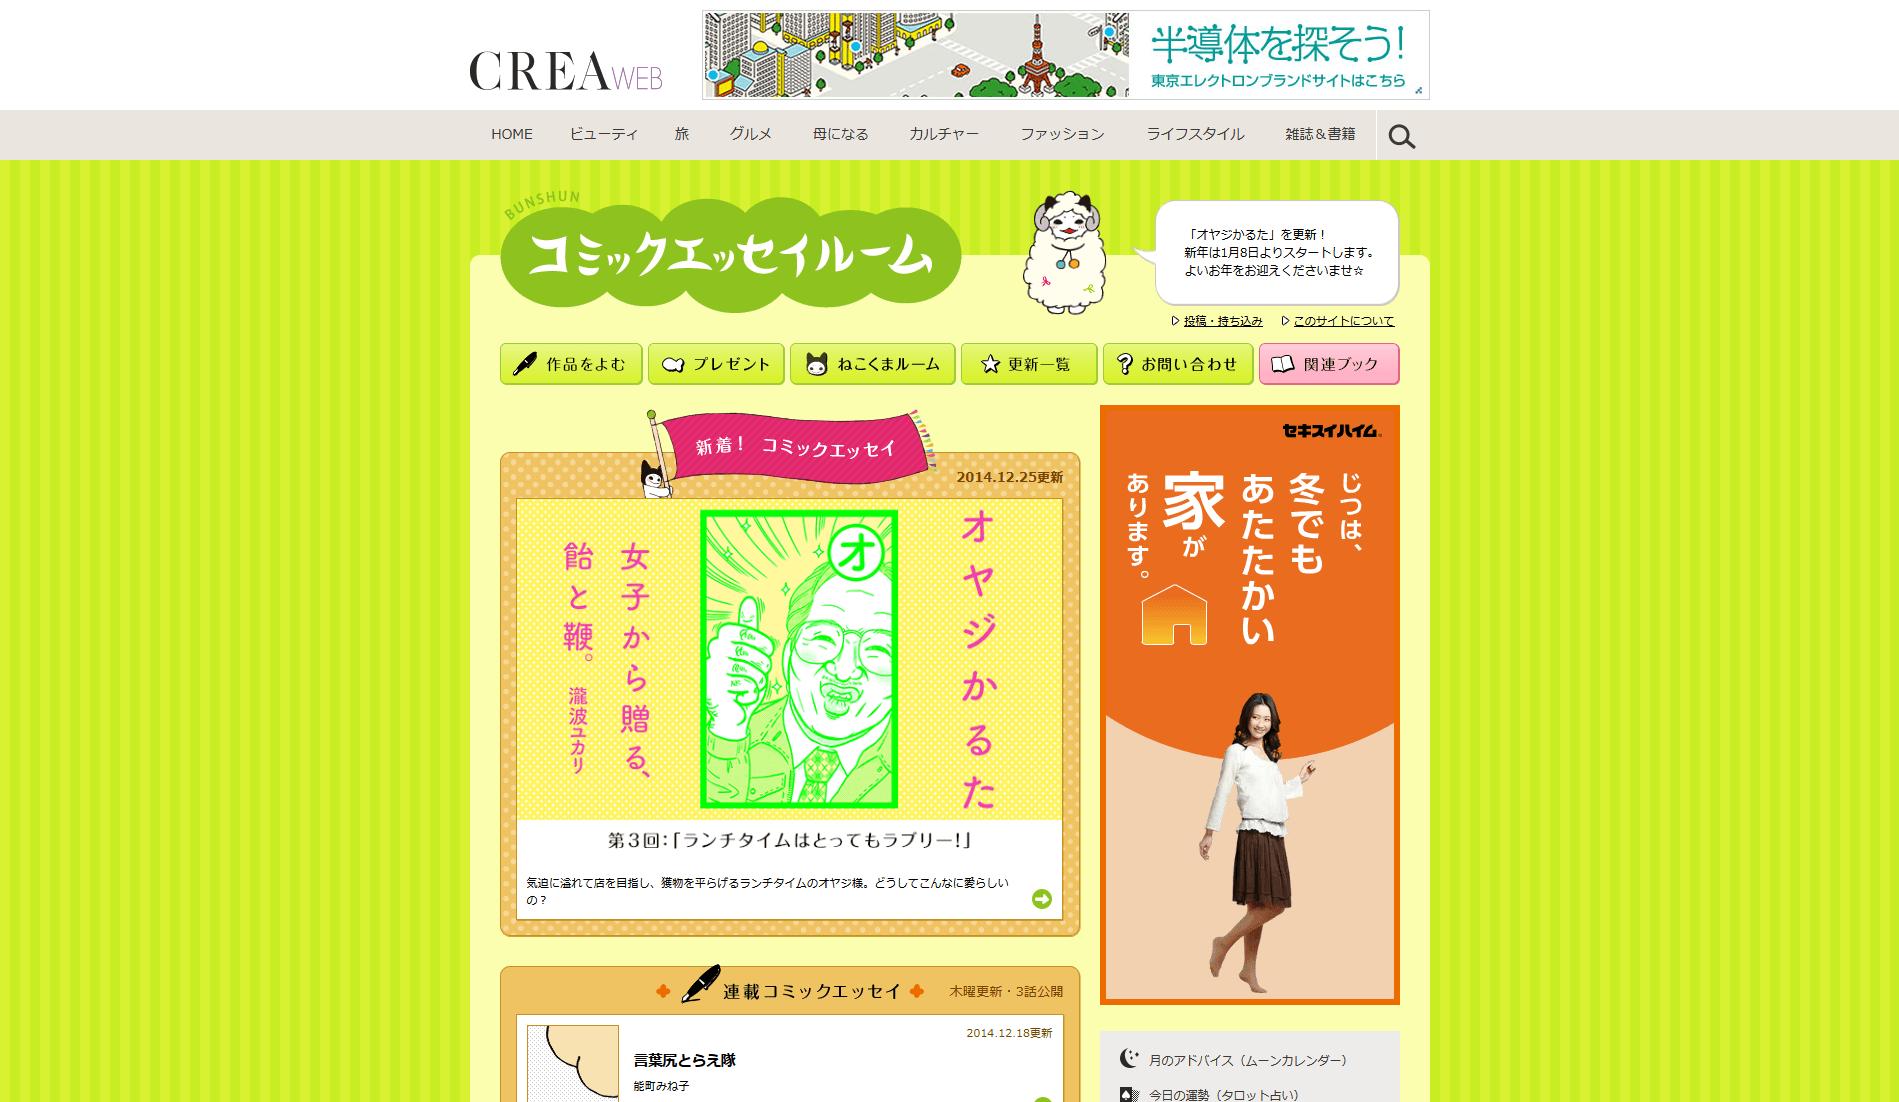 コミックエッセイルーム|CREA WEB(クレア ウェブ)